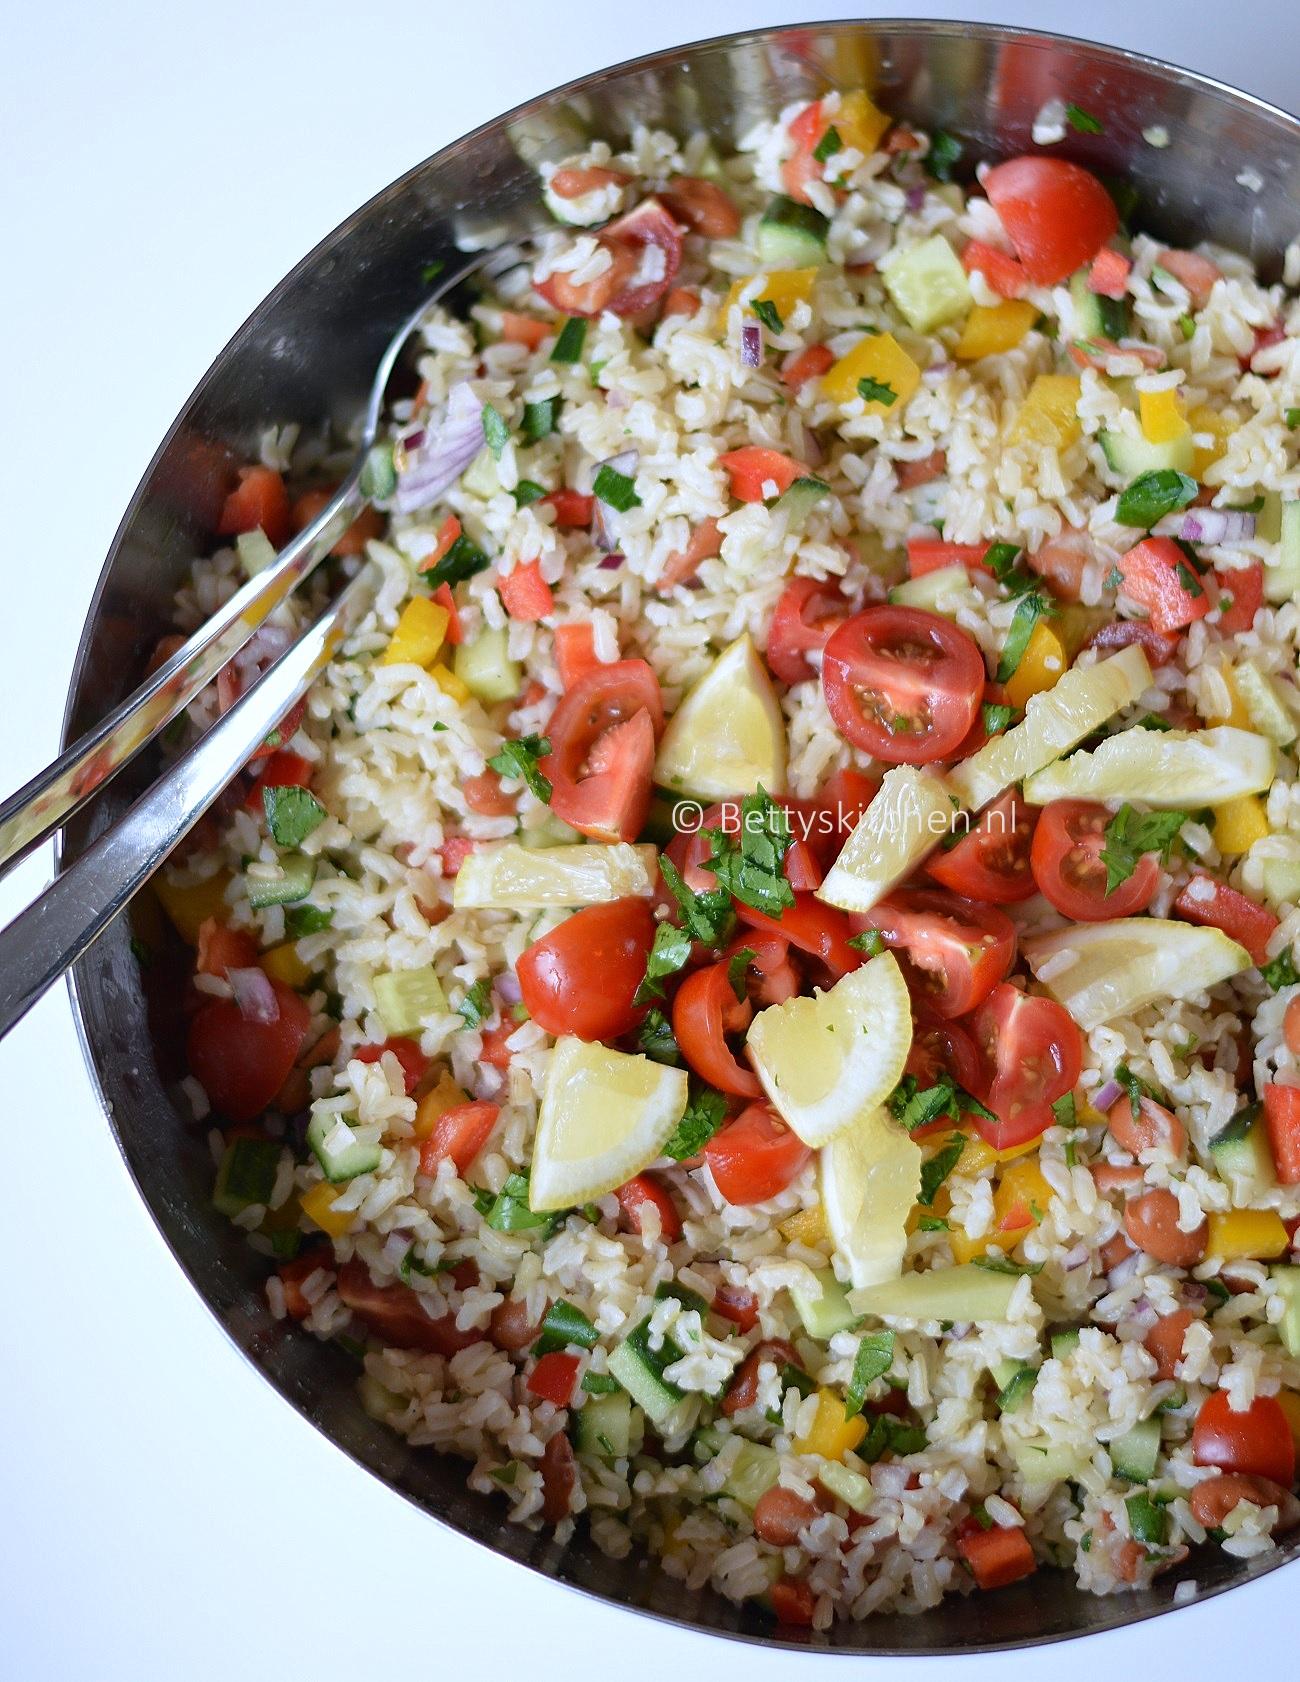 Fabulous Recept: Koude Rijstsalade voor bij de BBQ - Betty's Kitchen Foodblog @PL12